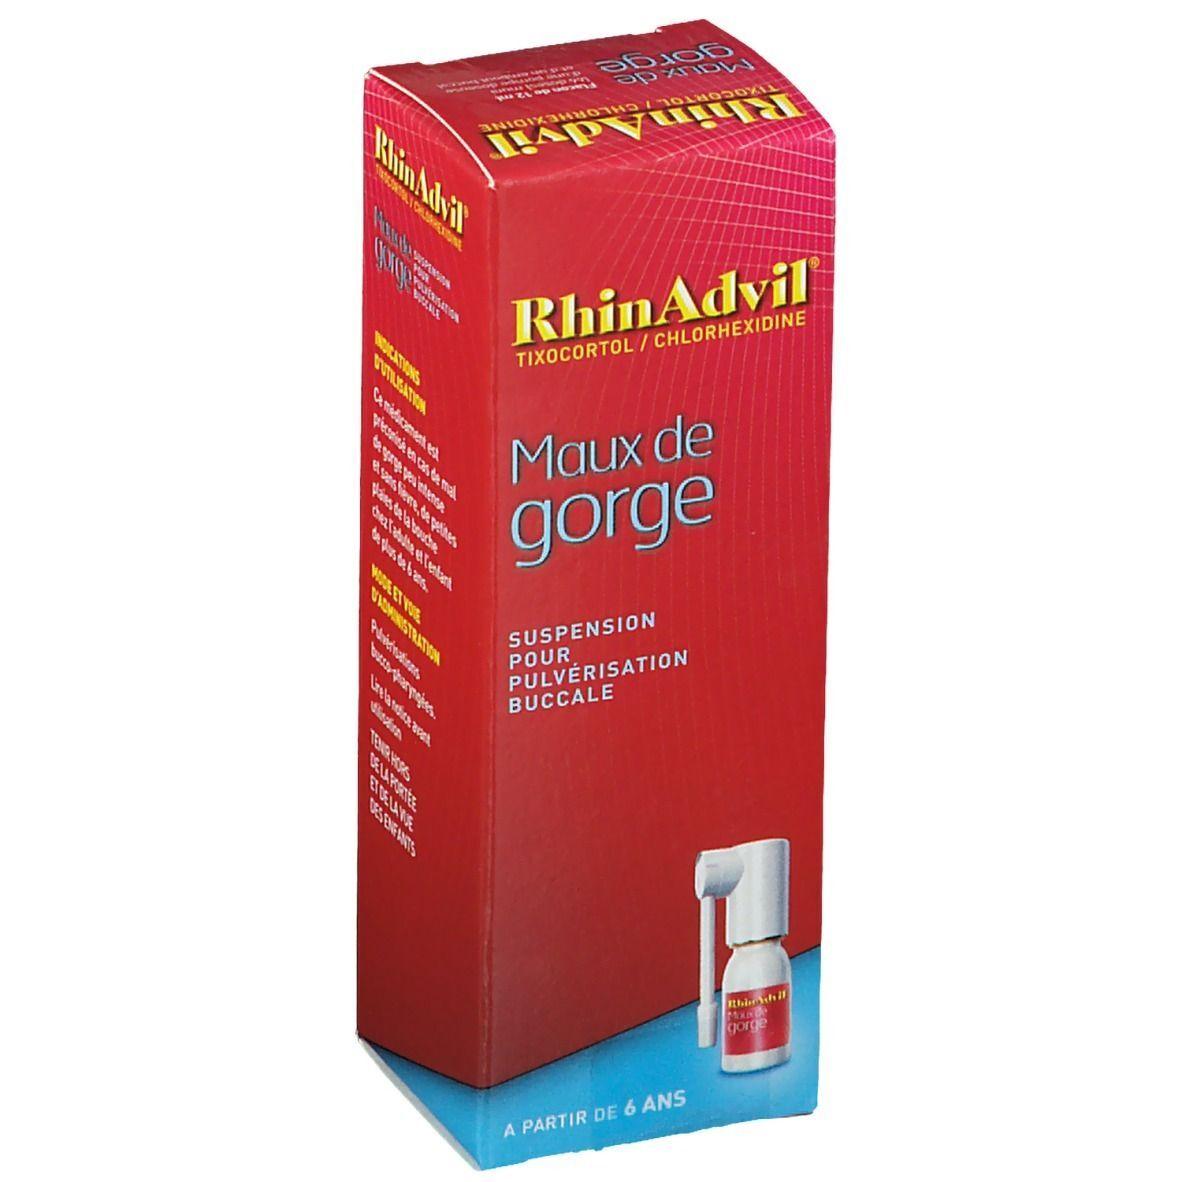 RhinAdvil Pfizer RhinAdvil Maux de Gorge ml spray buccal